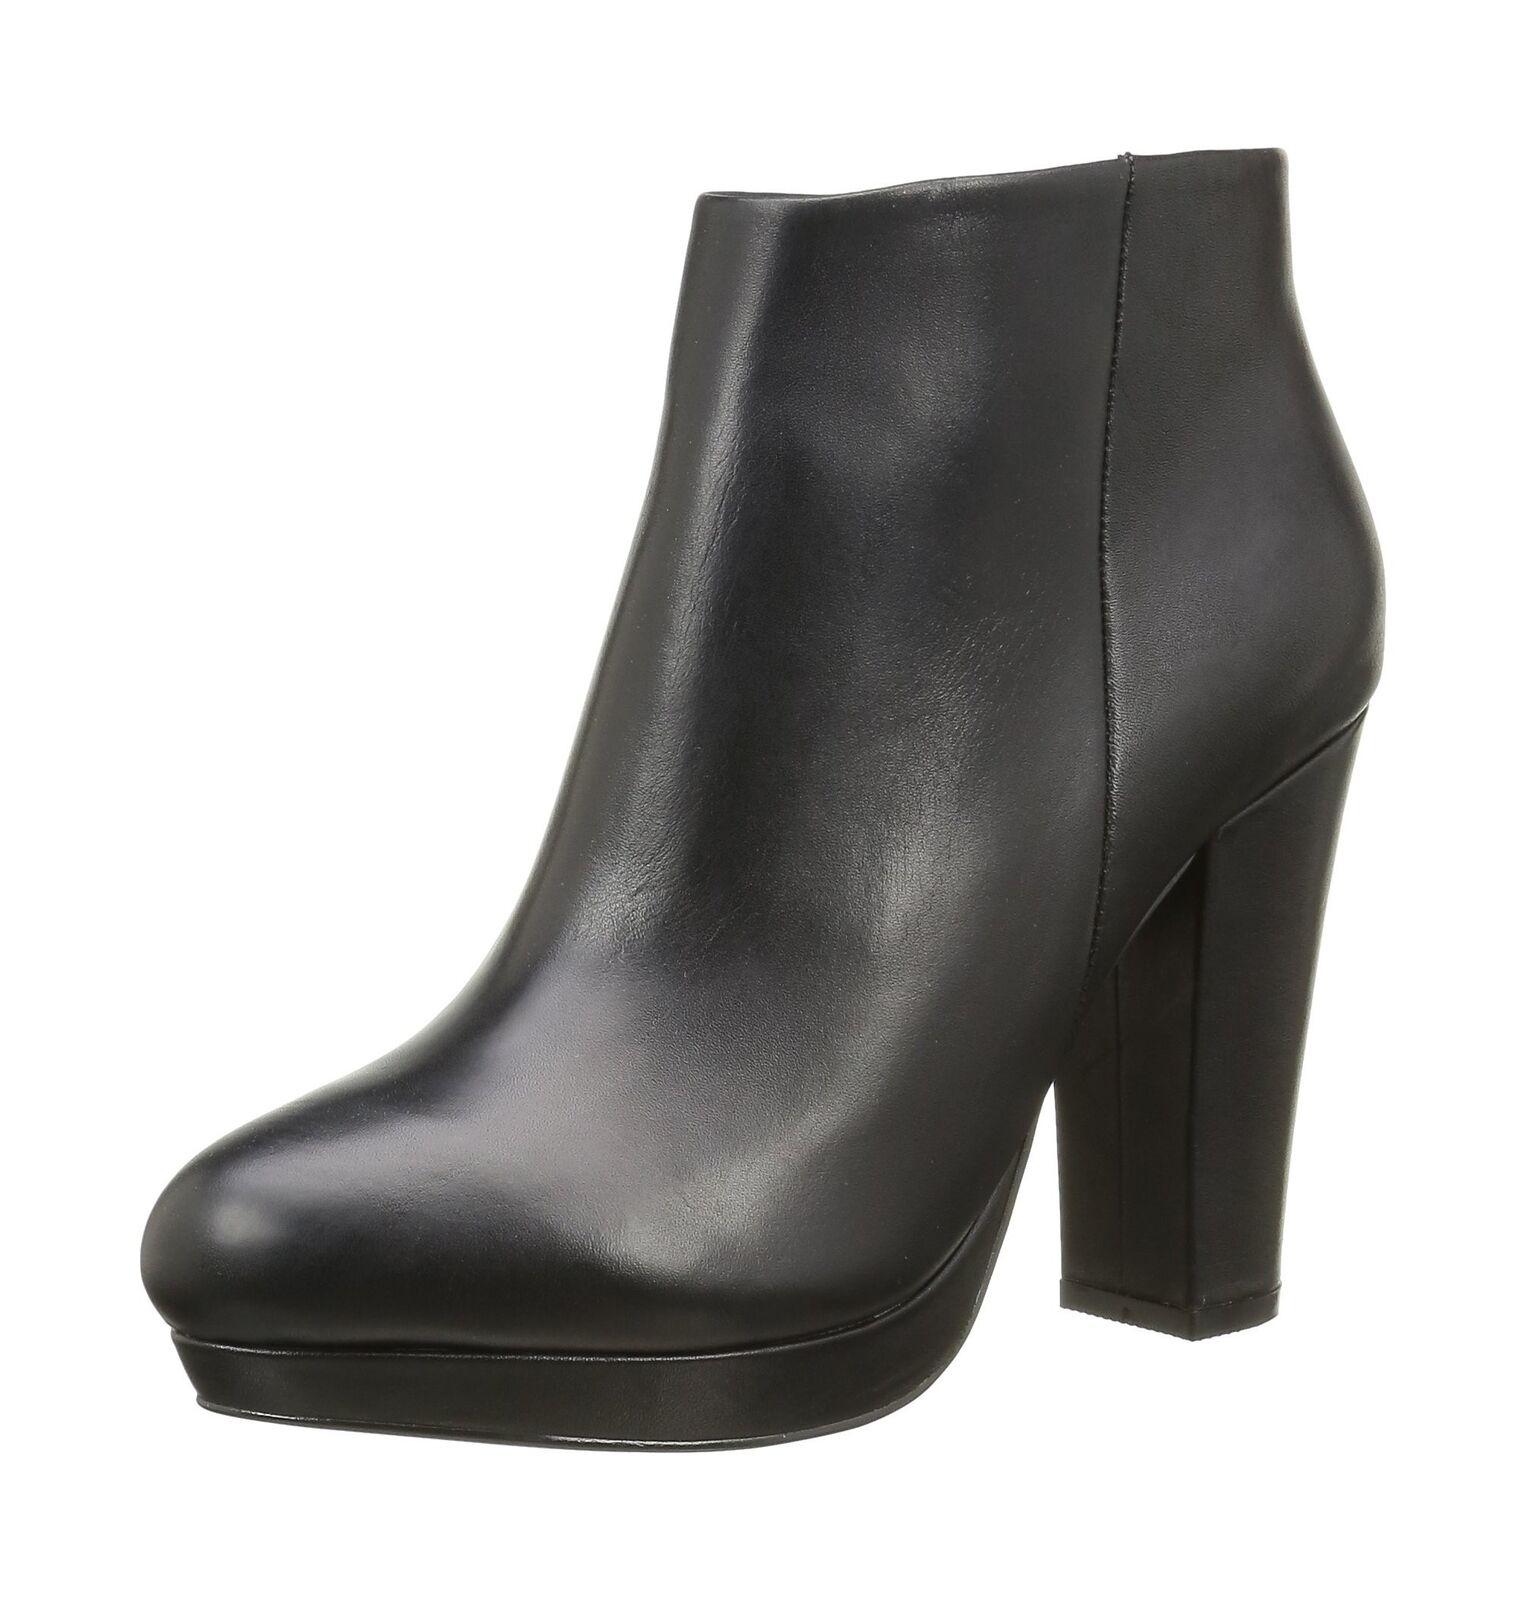 Buffalo para mujer Botas al Tobillo de Cuero de Negro seda de 410-10645 L Negro de (Negro 01) 5.5-6 634429